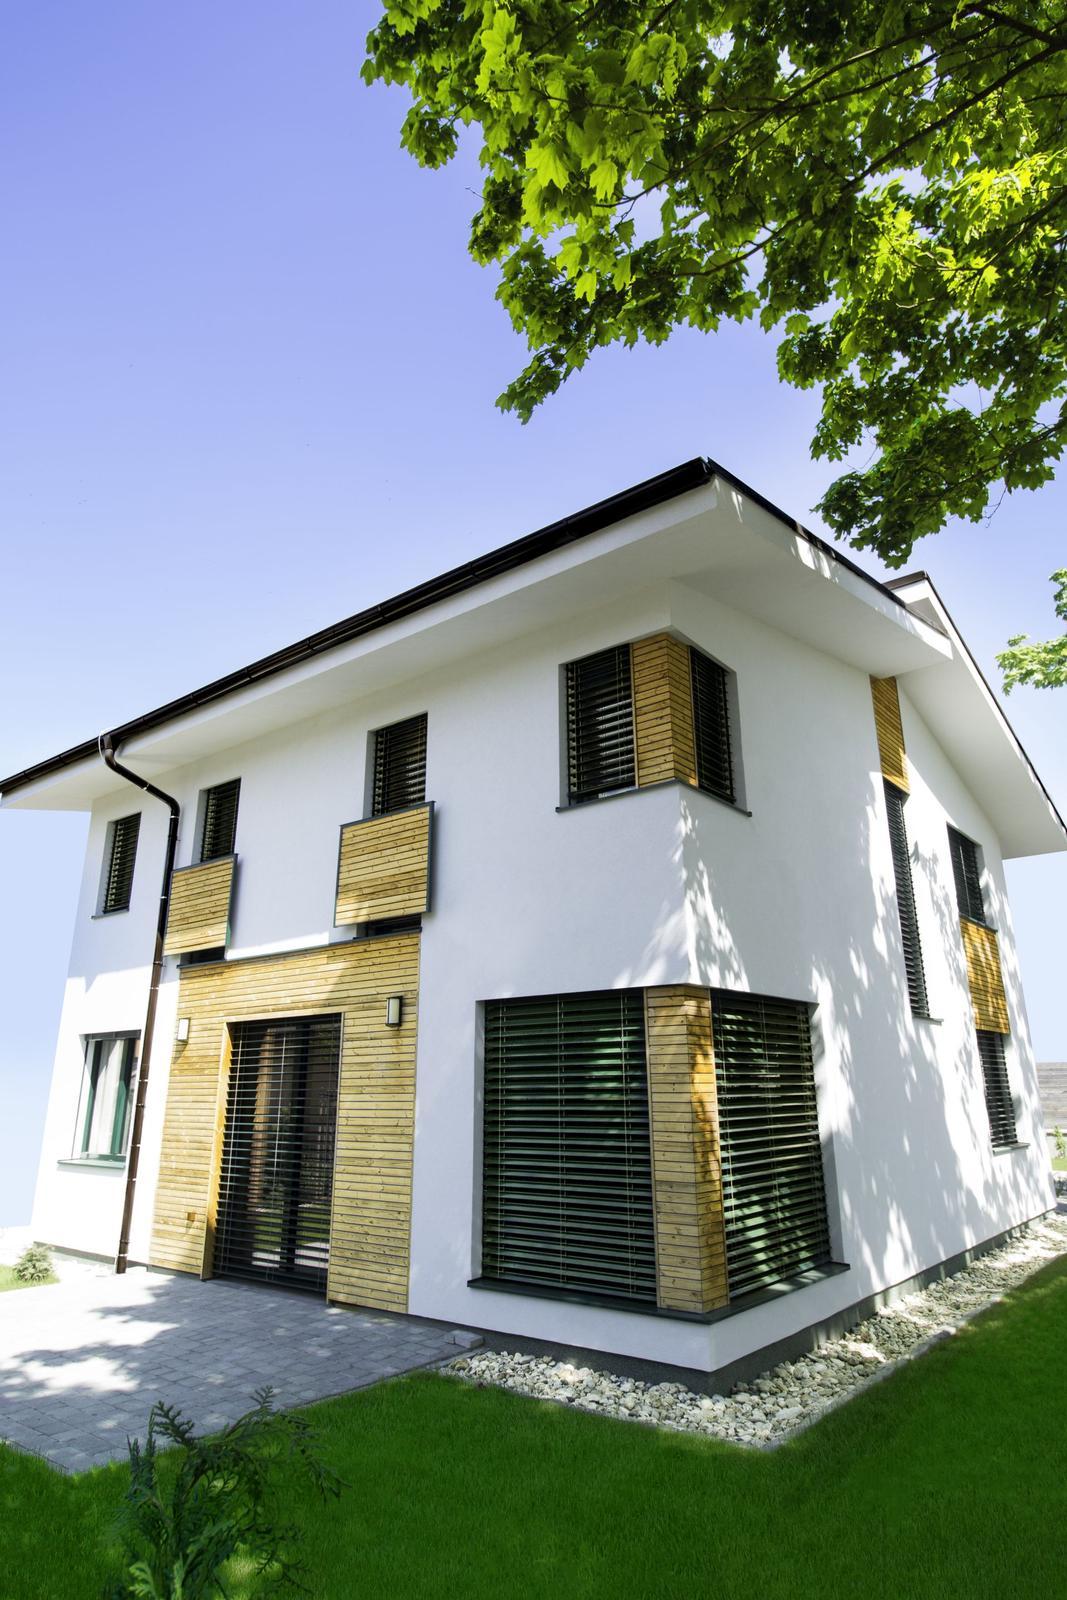 Pasívny dom ako z čítanky - Energetický štandard zabezpečila kvalitná tepelná izolácia, dobré okná s izolačnými trojsklami a dôkladná eliminácia tepelných mostov. Sendvičová konštrukcia je 20 cm izolácie z minerálnej vlny Knauf Insulation vo vnútri steny a 22 cm EPS zvonku